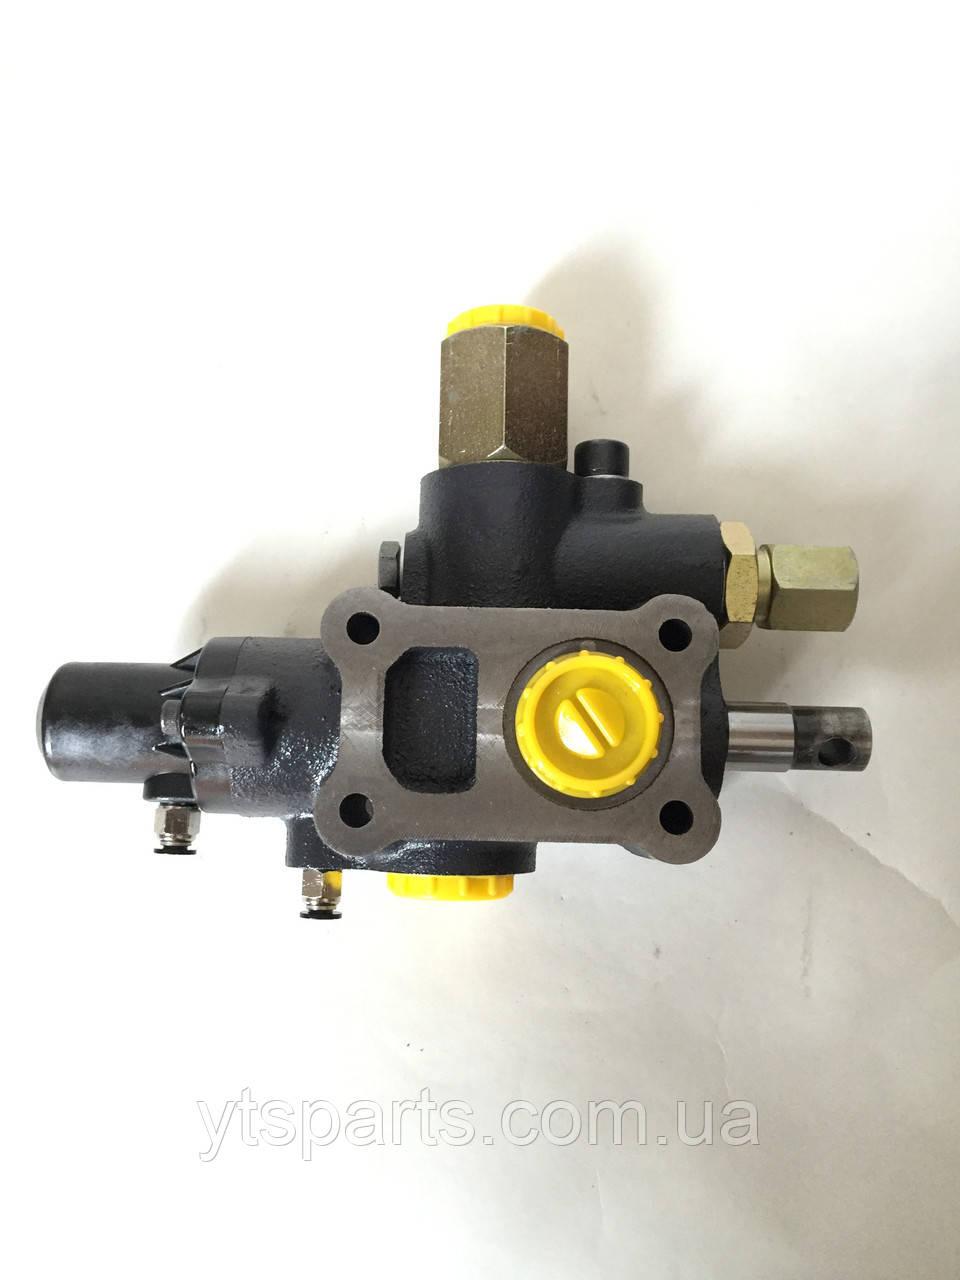 Распределительный гидравлический клапан